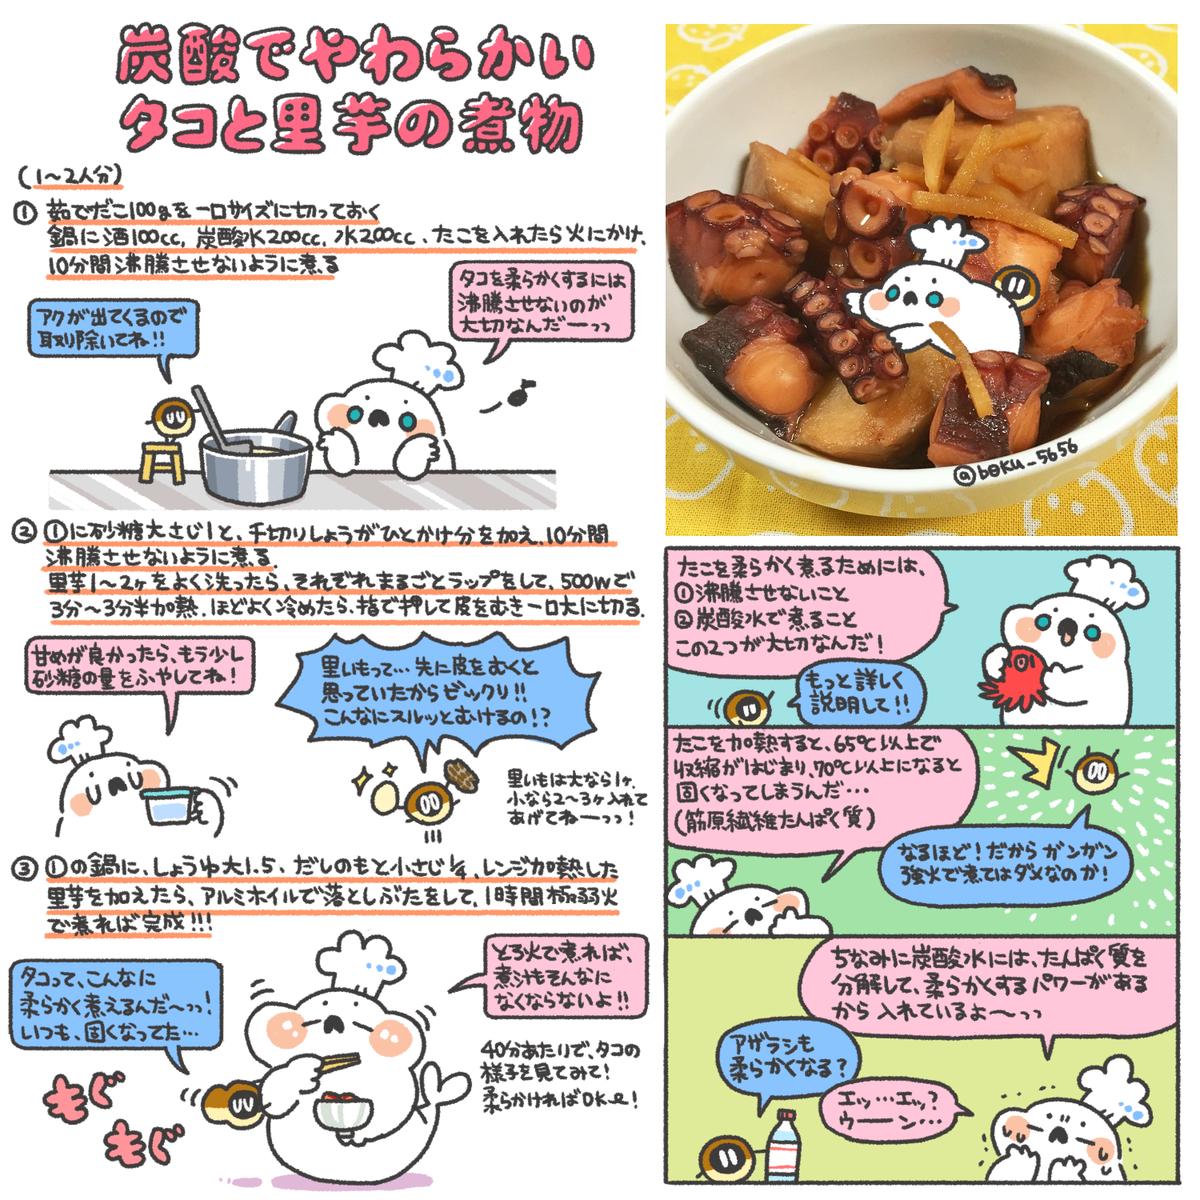 炭酸でやわらかいタコと里芋の煮物のレシピまとめました₍₍ ◝(OO)◟ ⁾⁾